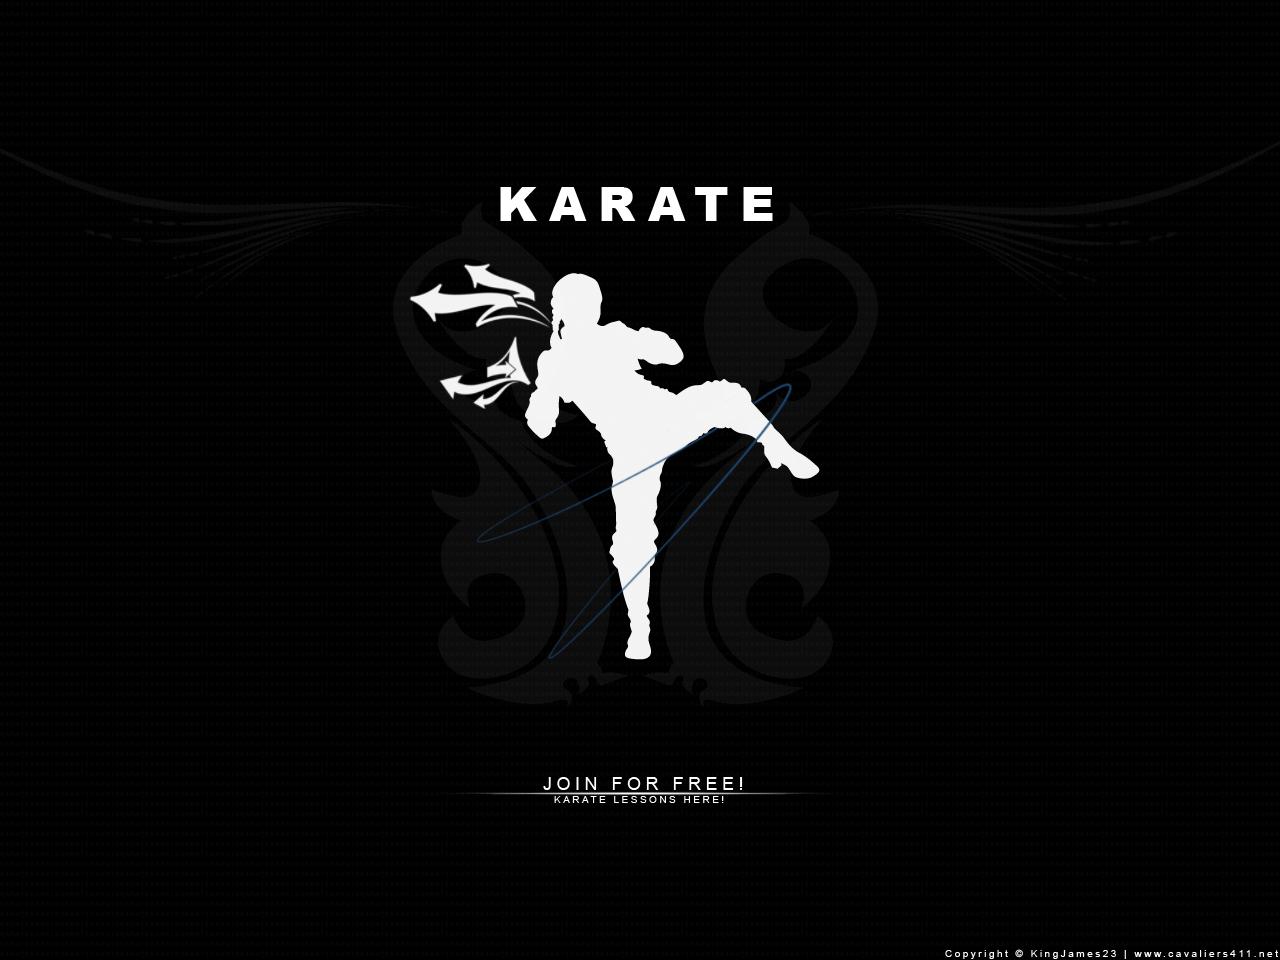 kyokushin karate full hd wallpapers - wallpaper cave